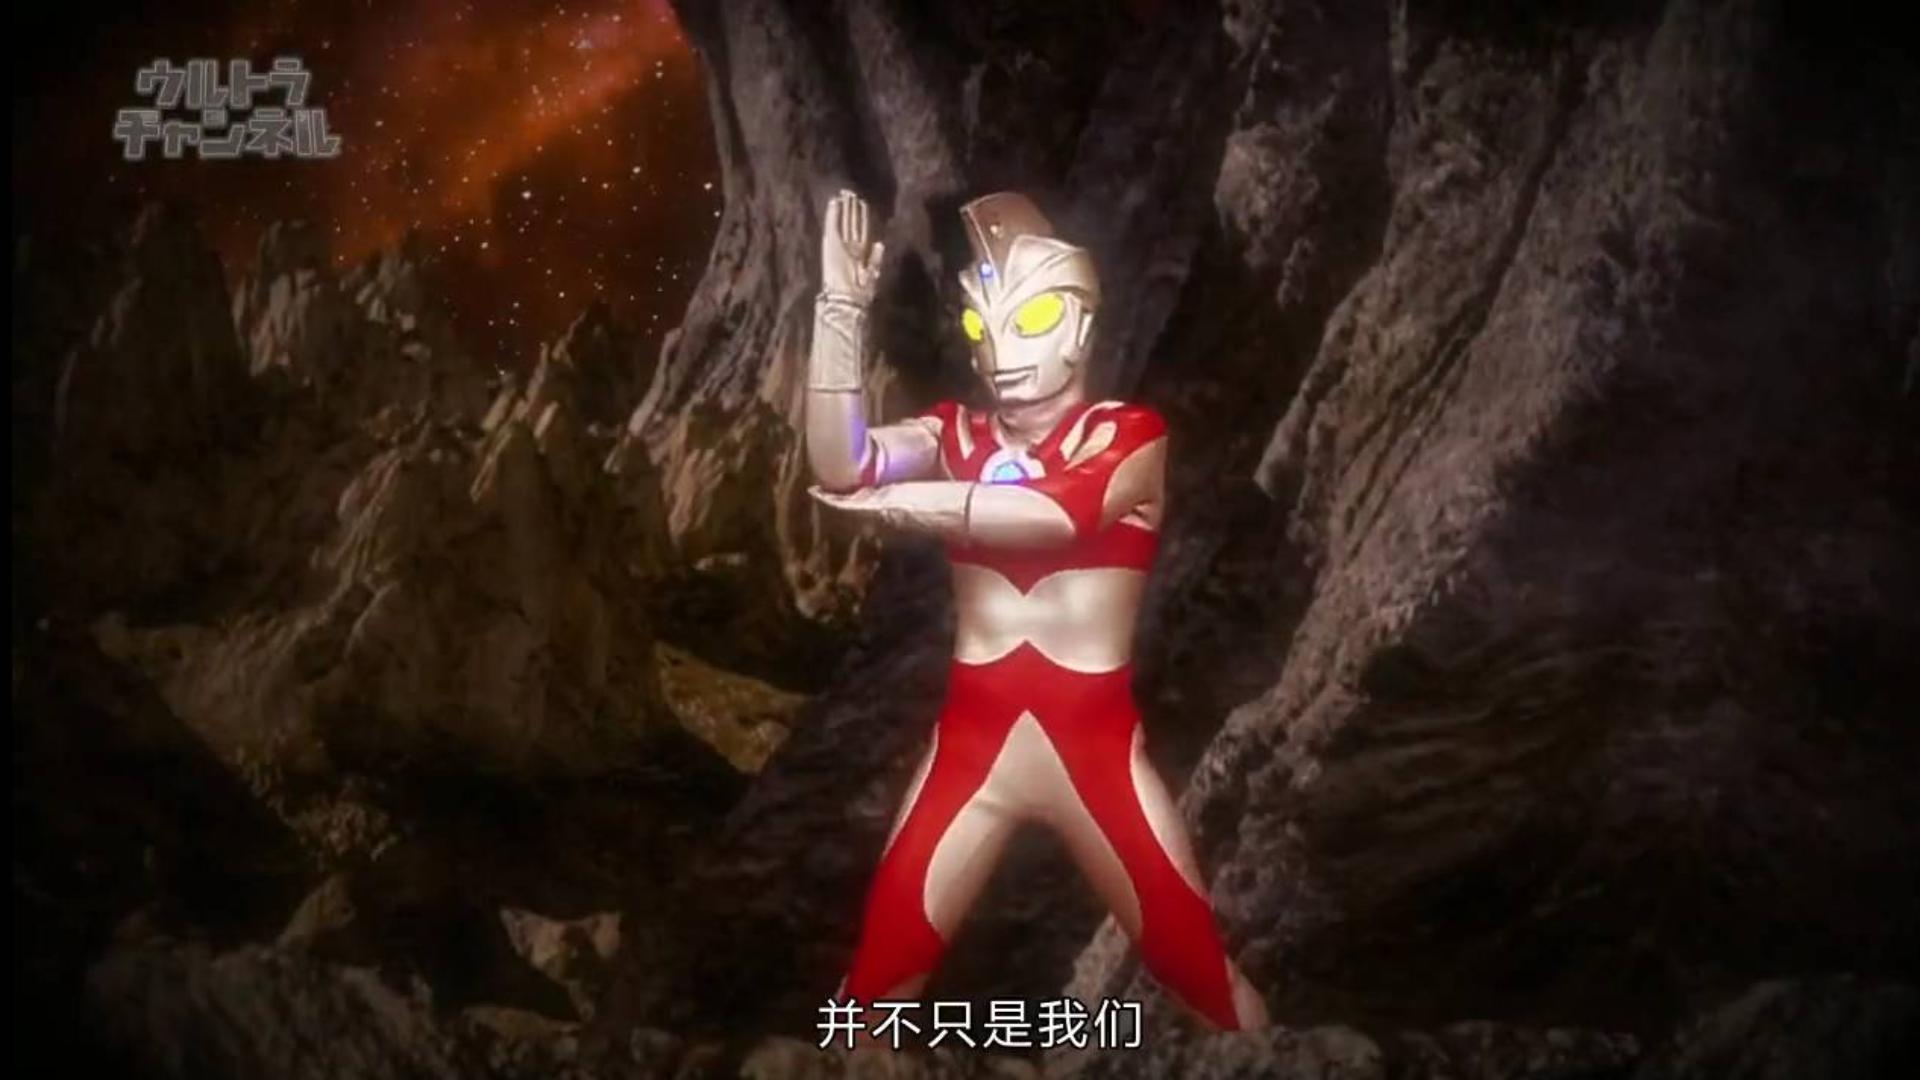 最强法王!艾斯奥特曼TV杀敌榜 (导弹超兽贝劳克恩——最强超兽强博王)